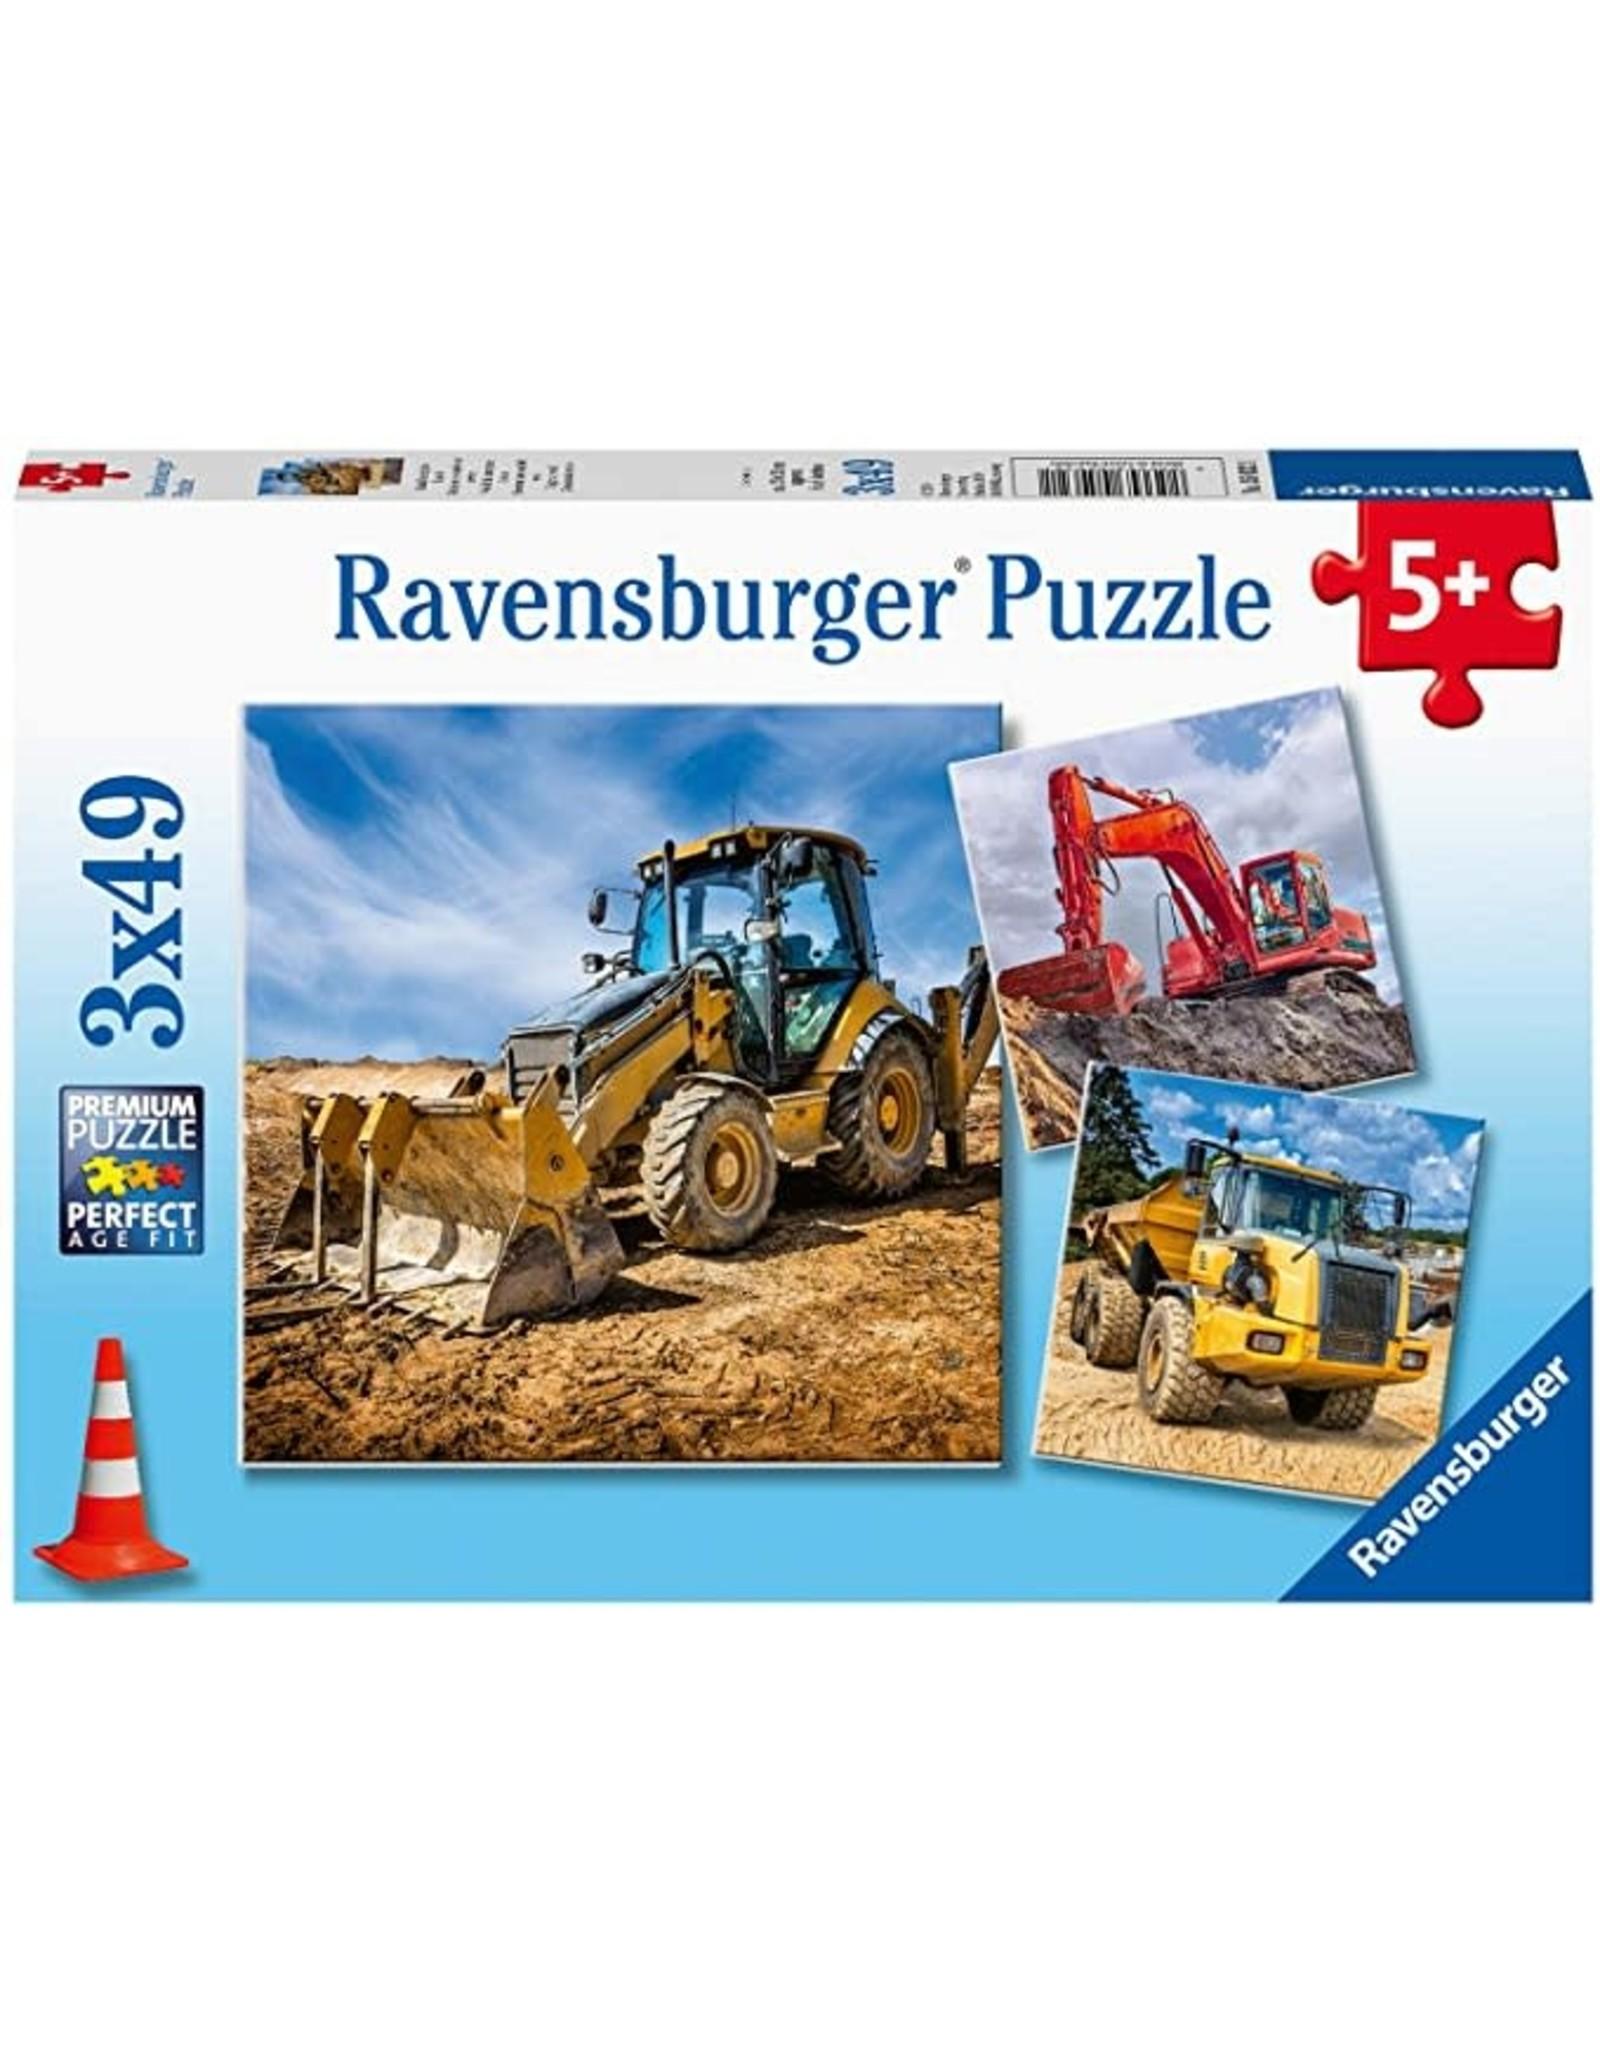 Ravensburger Diggers At Work! 3x49pc